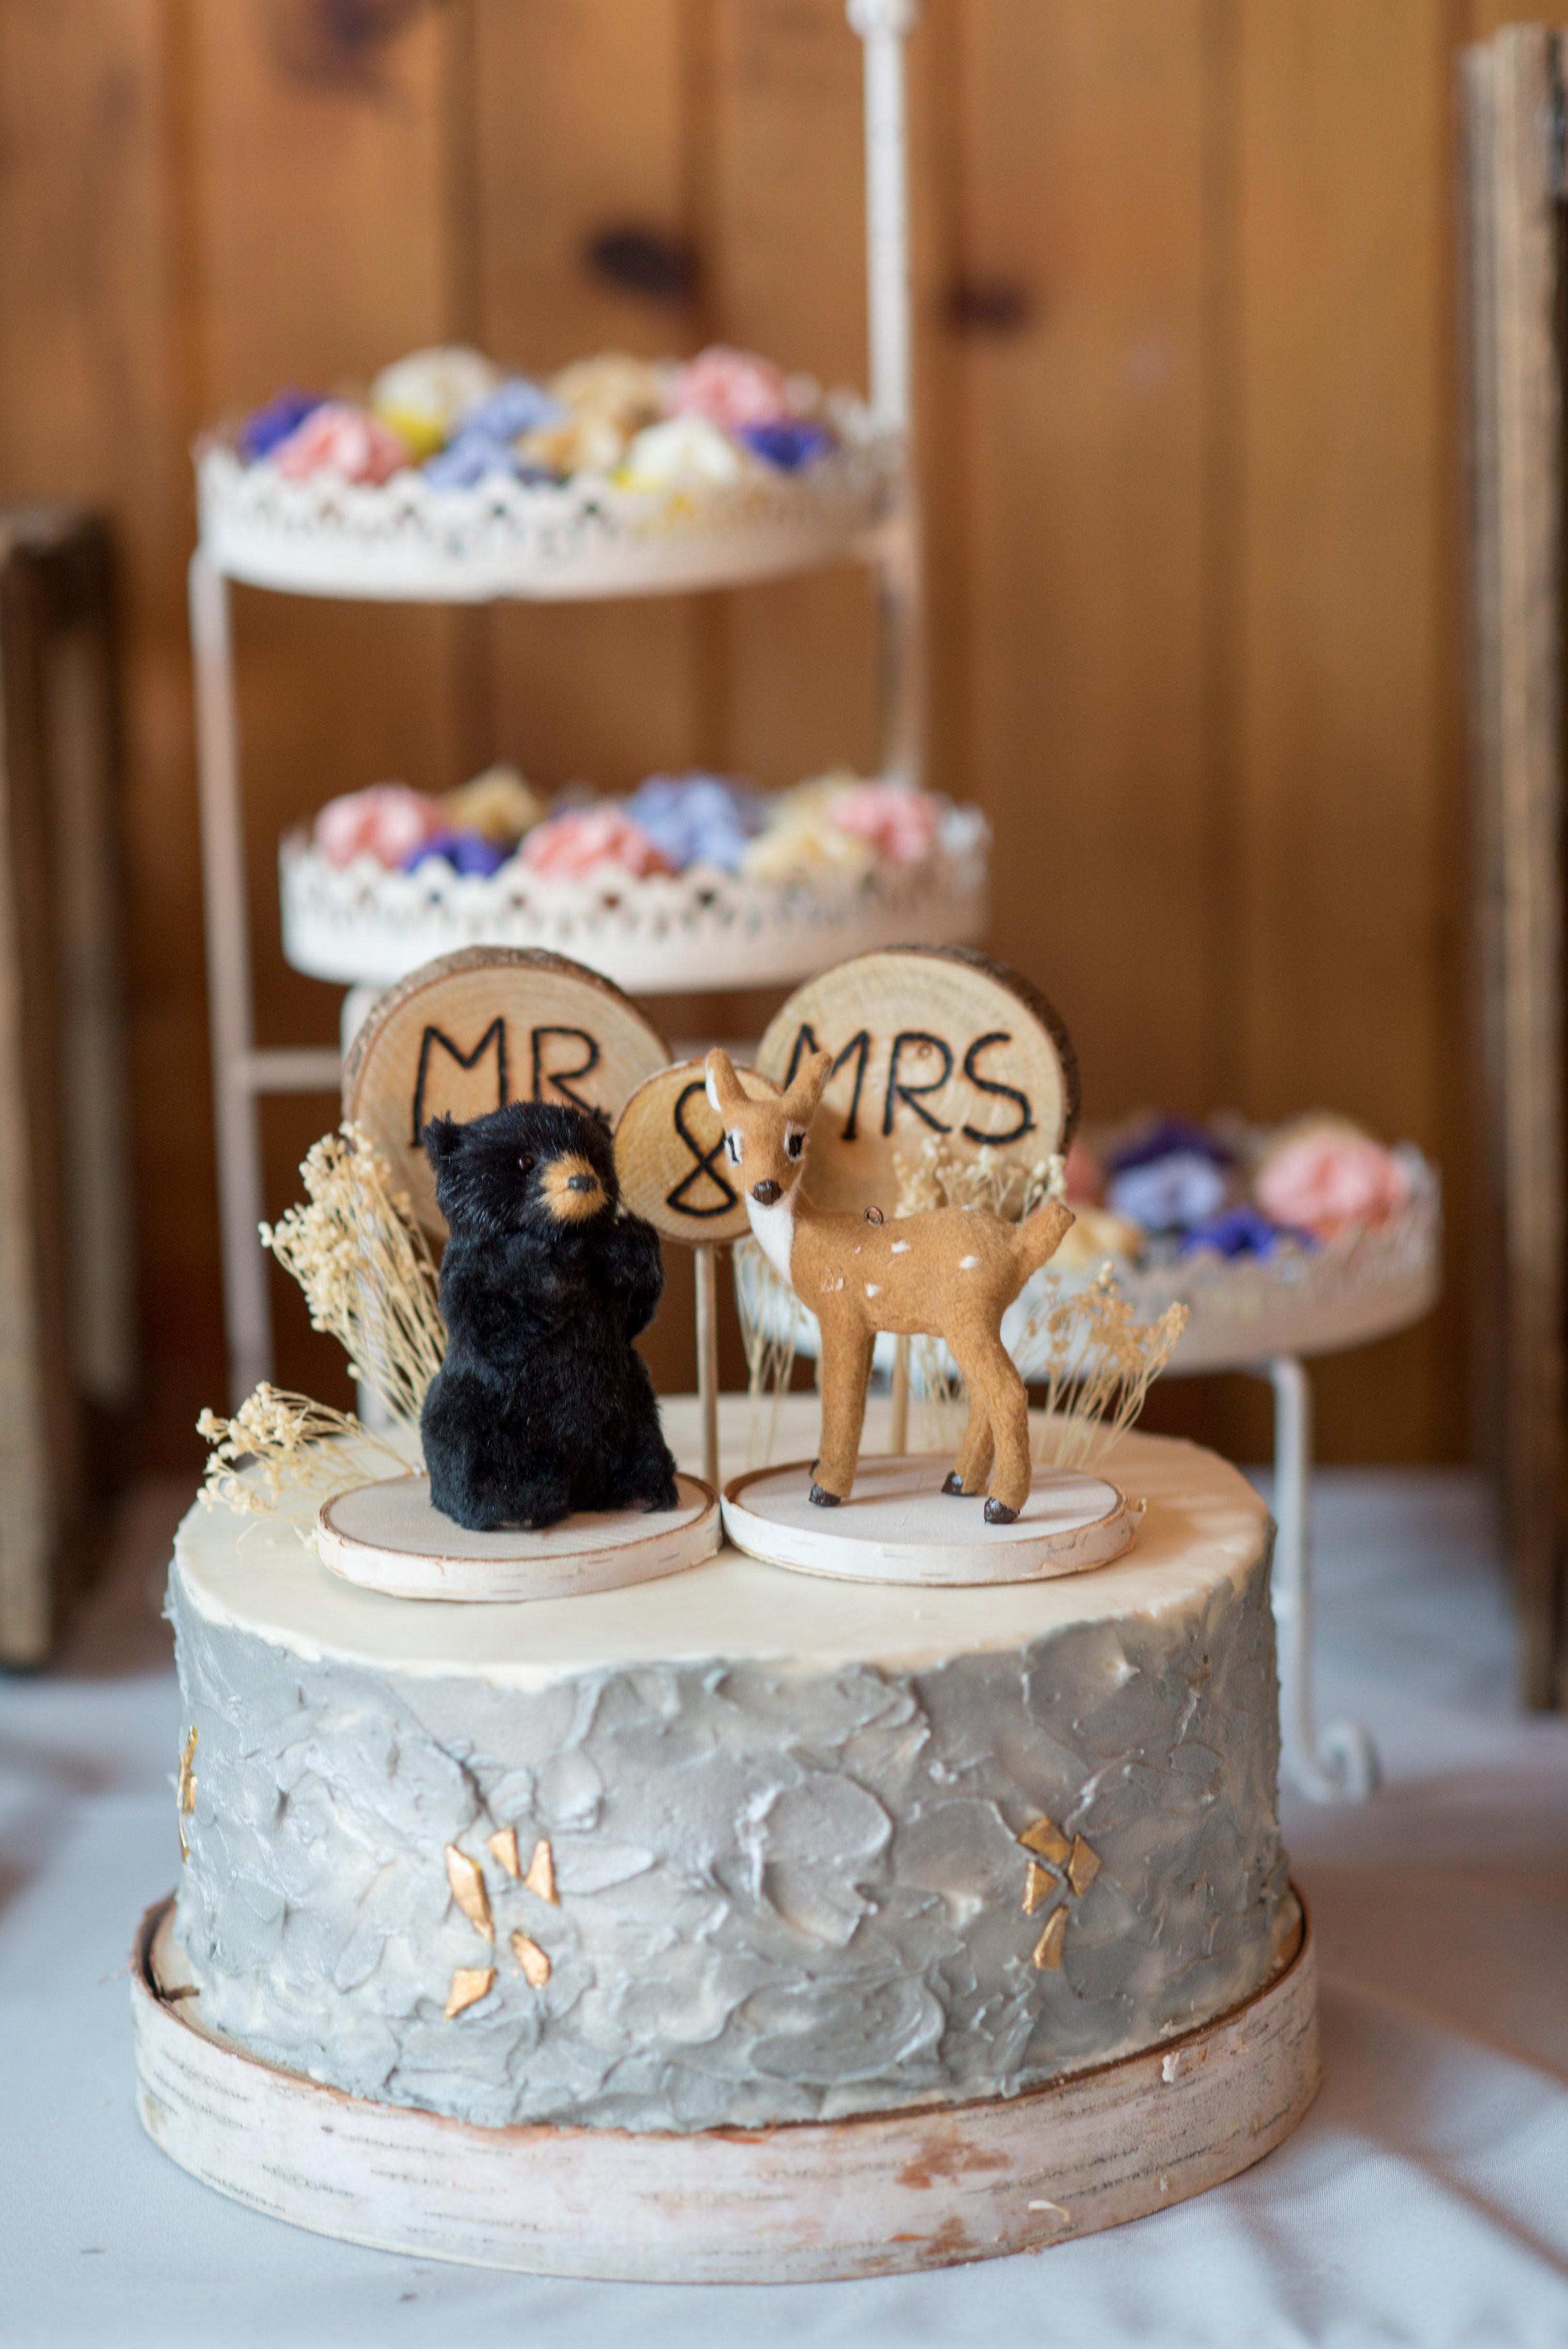 Wedding Cakes Mckinney Tx top 20 Wedding Cakes Mckinney Tx